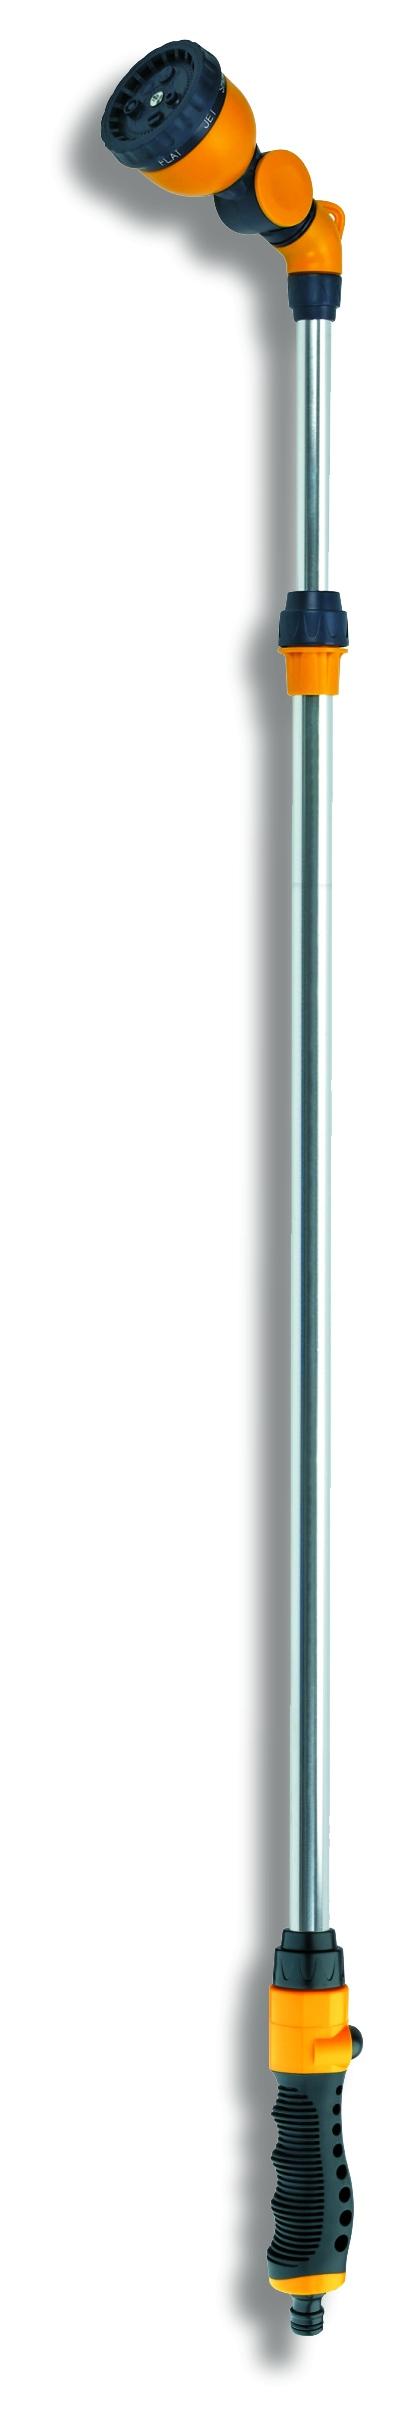 VÝPRODEJ - Teleskopická ruční sprcha 7-polohová plast (DY2305VYP)